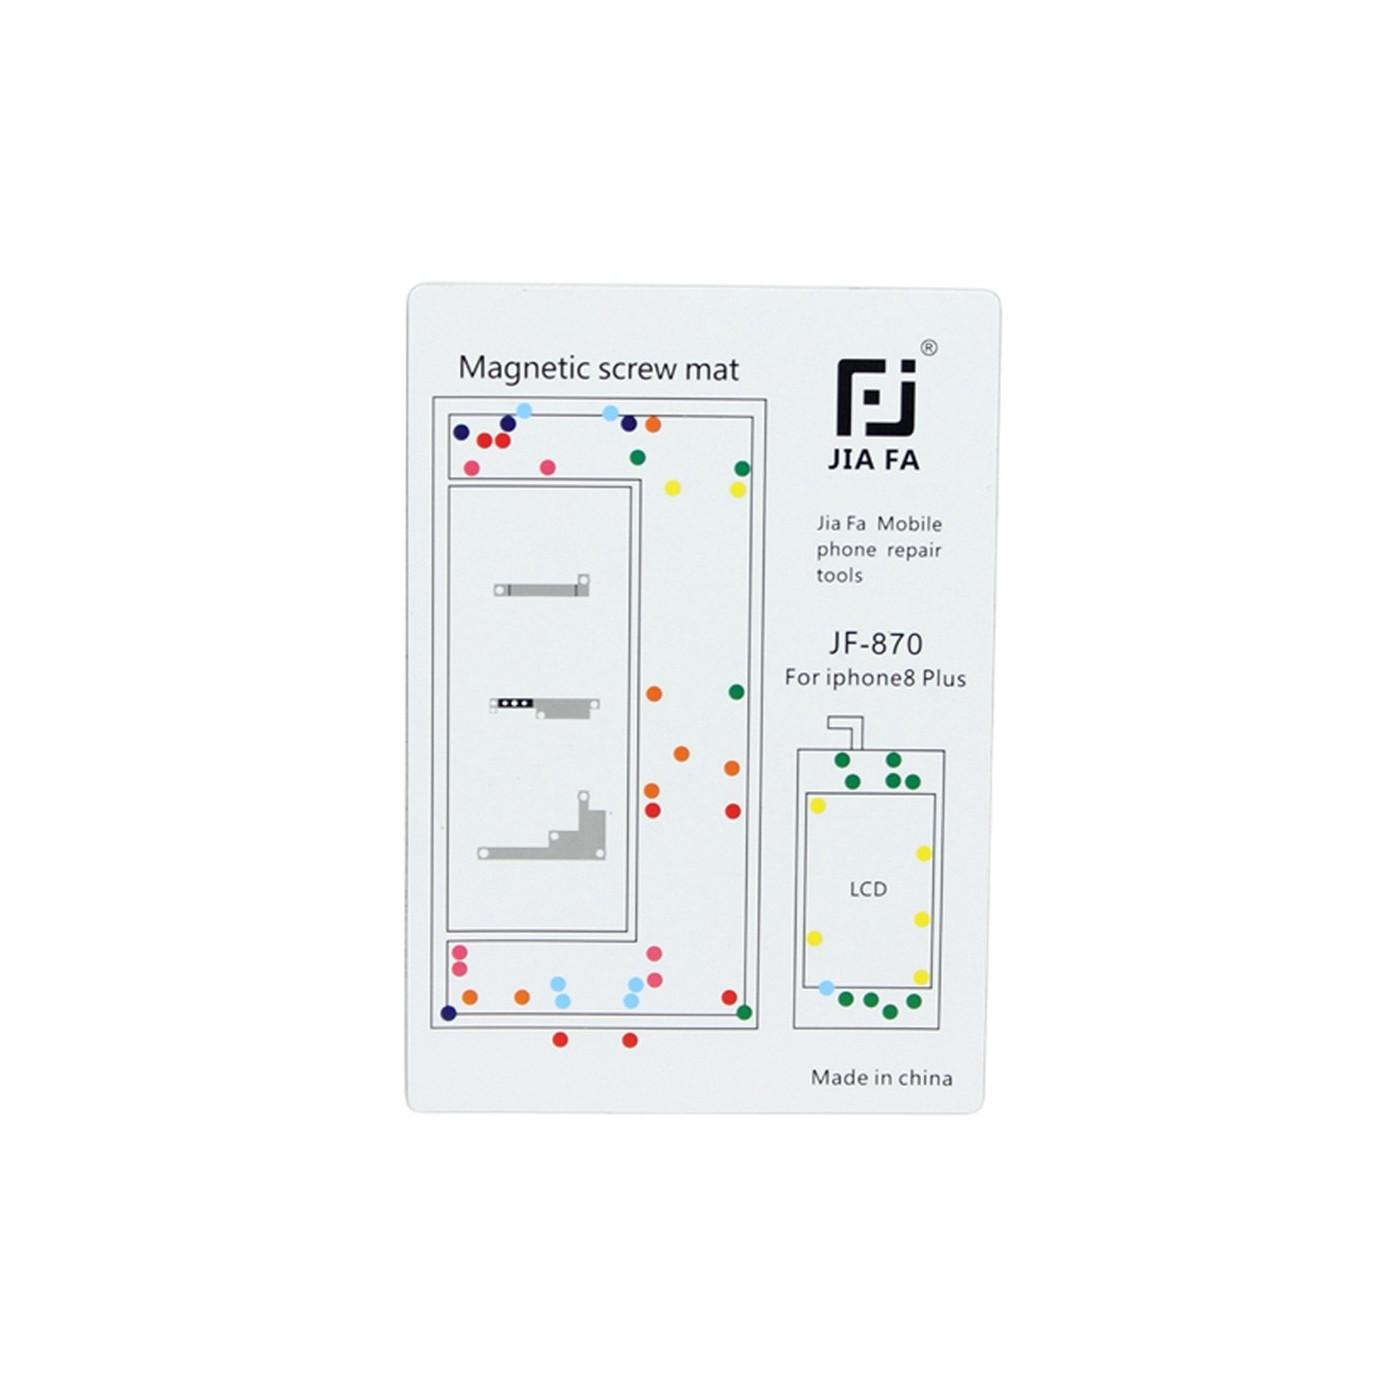 Tornillos magnéticos de reparación de mapas de alfombras iPhone 8 Plus herramientas de 15 cm x 10 cm